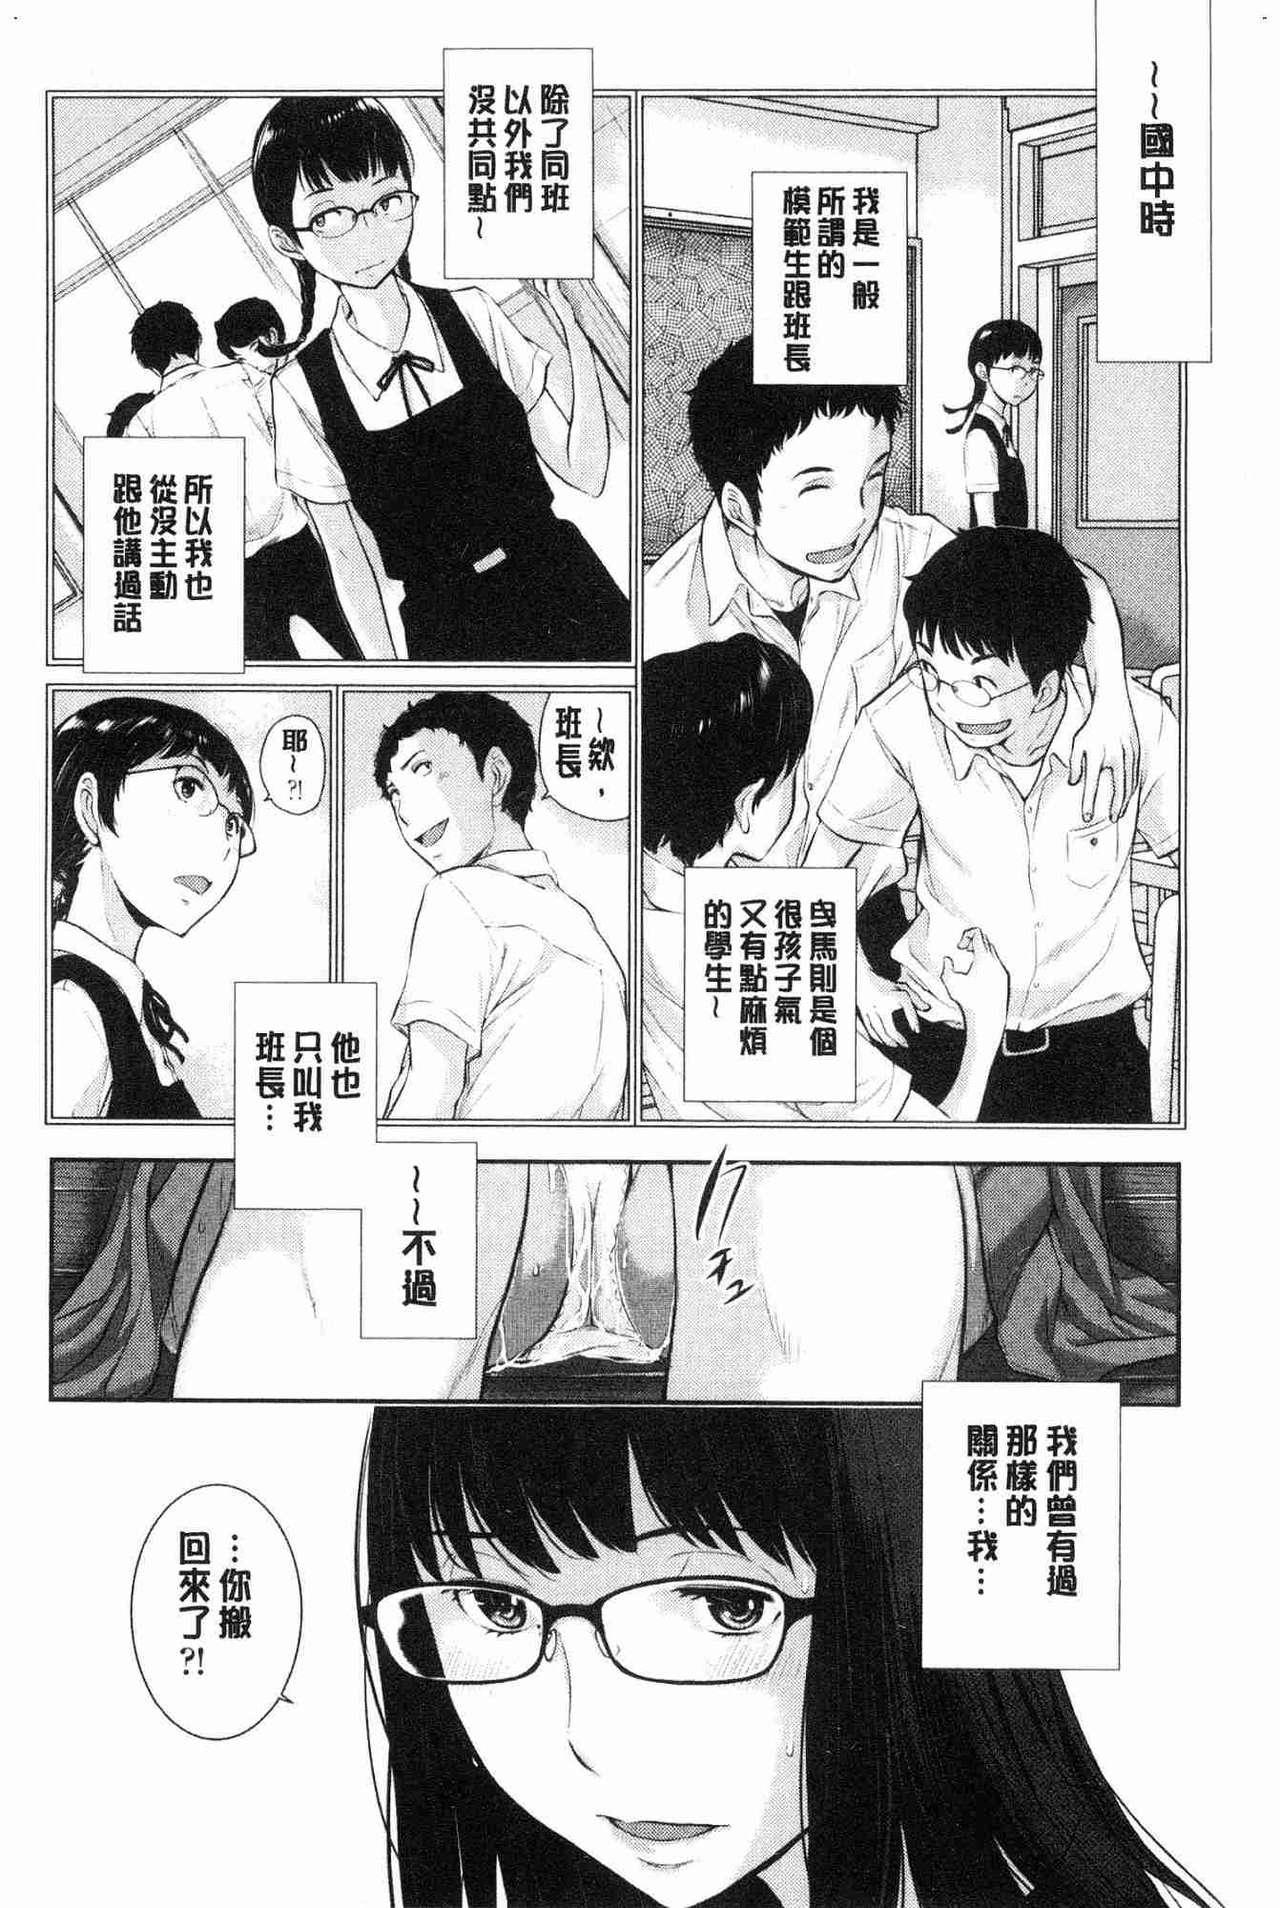 [Harazaki Takuma] Seifuku Shijou Shugi -Natsu- - Uniforms supremacy [Chinese] 138